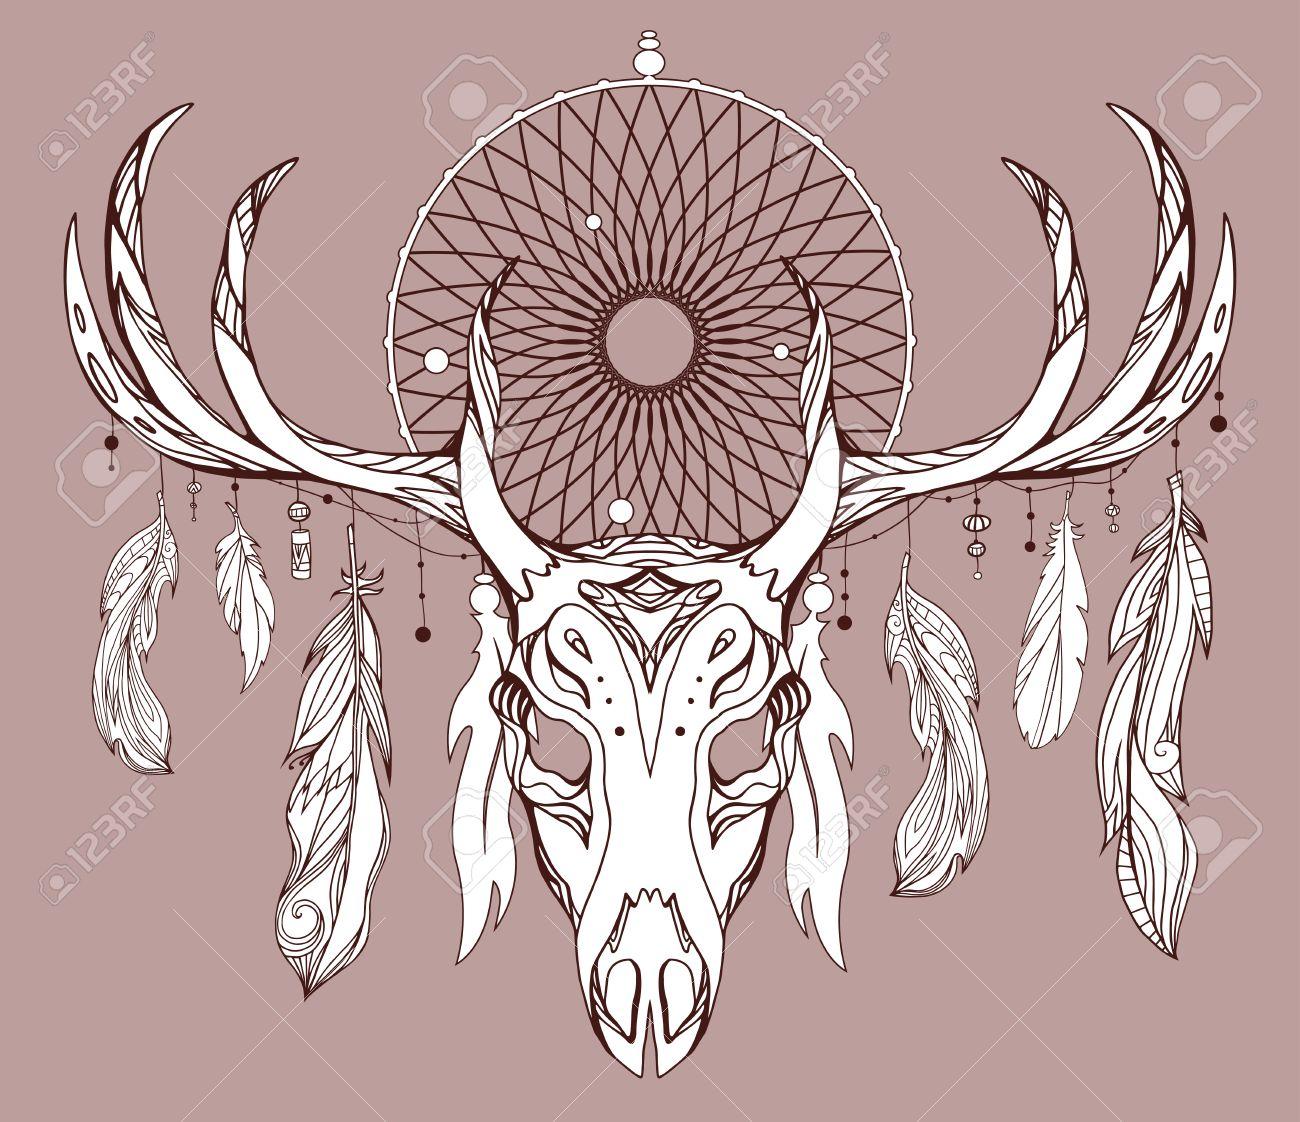 Ilustración De Un Cráneo De Venado Con Cuernos Cazador De Sueños Y